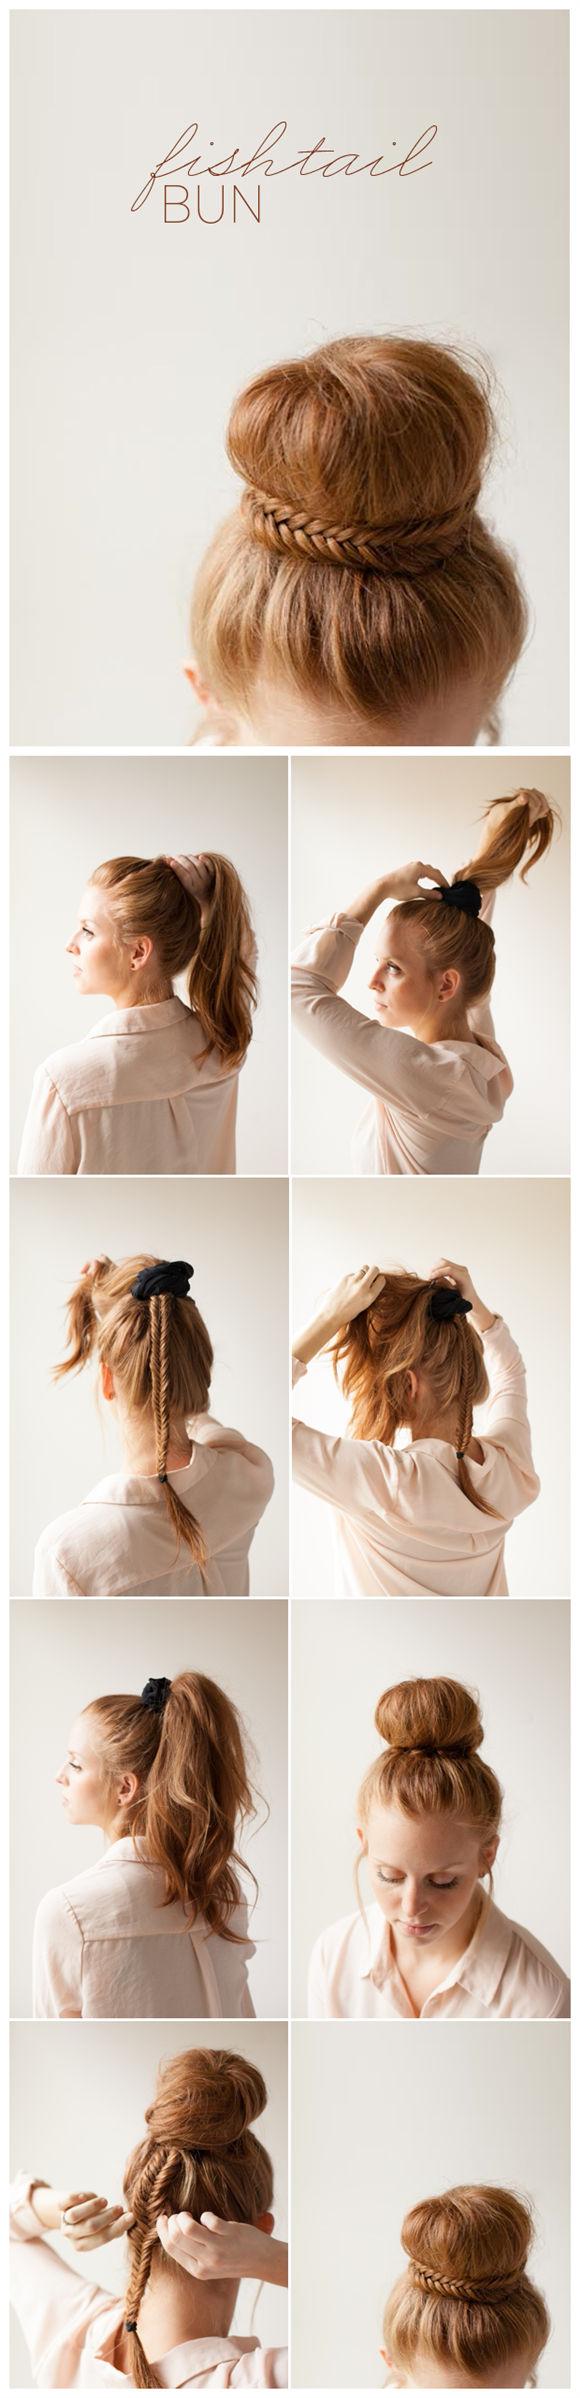 10-fishtail-bun-tutorial2